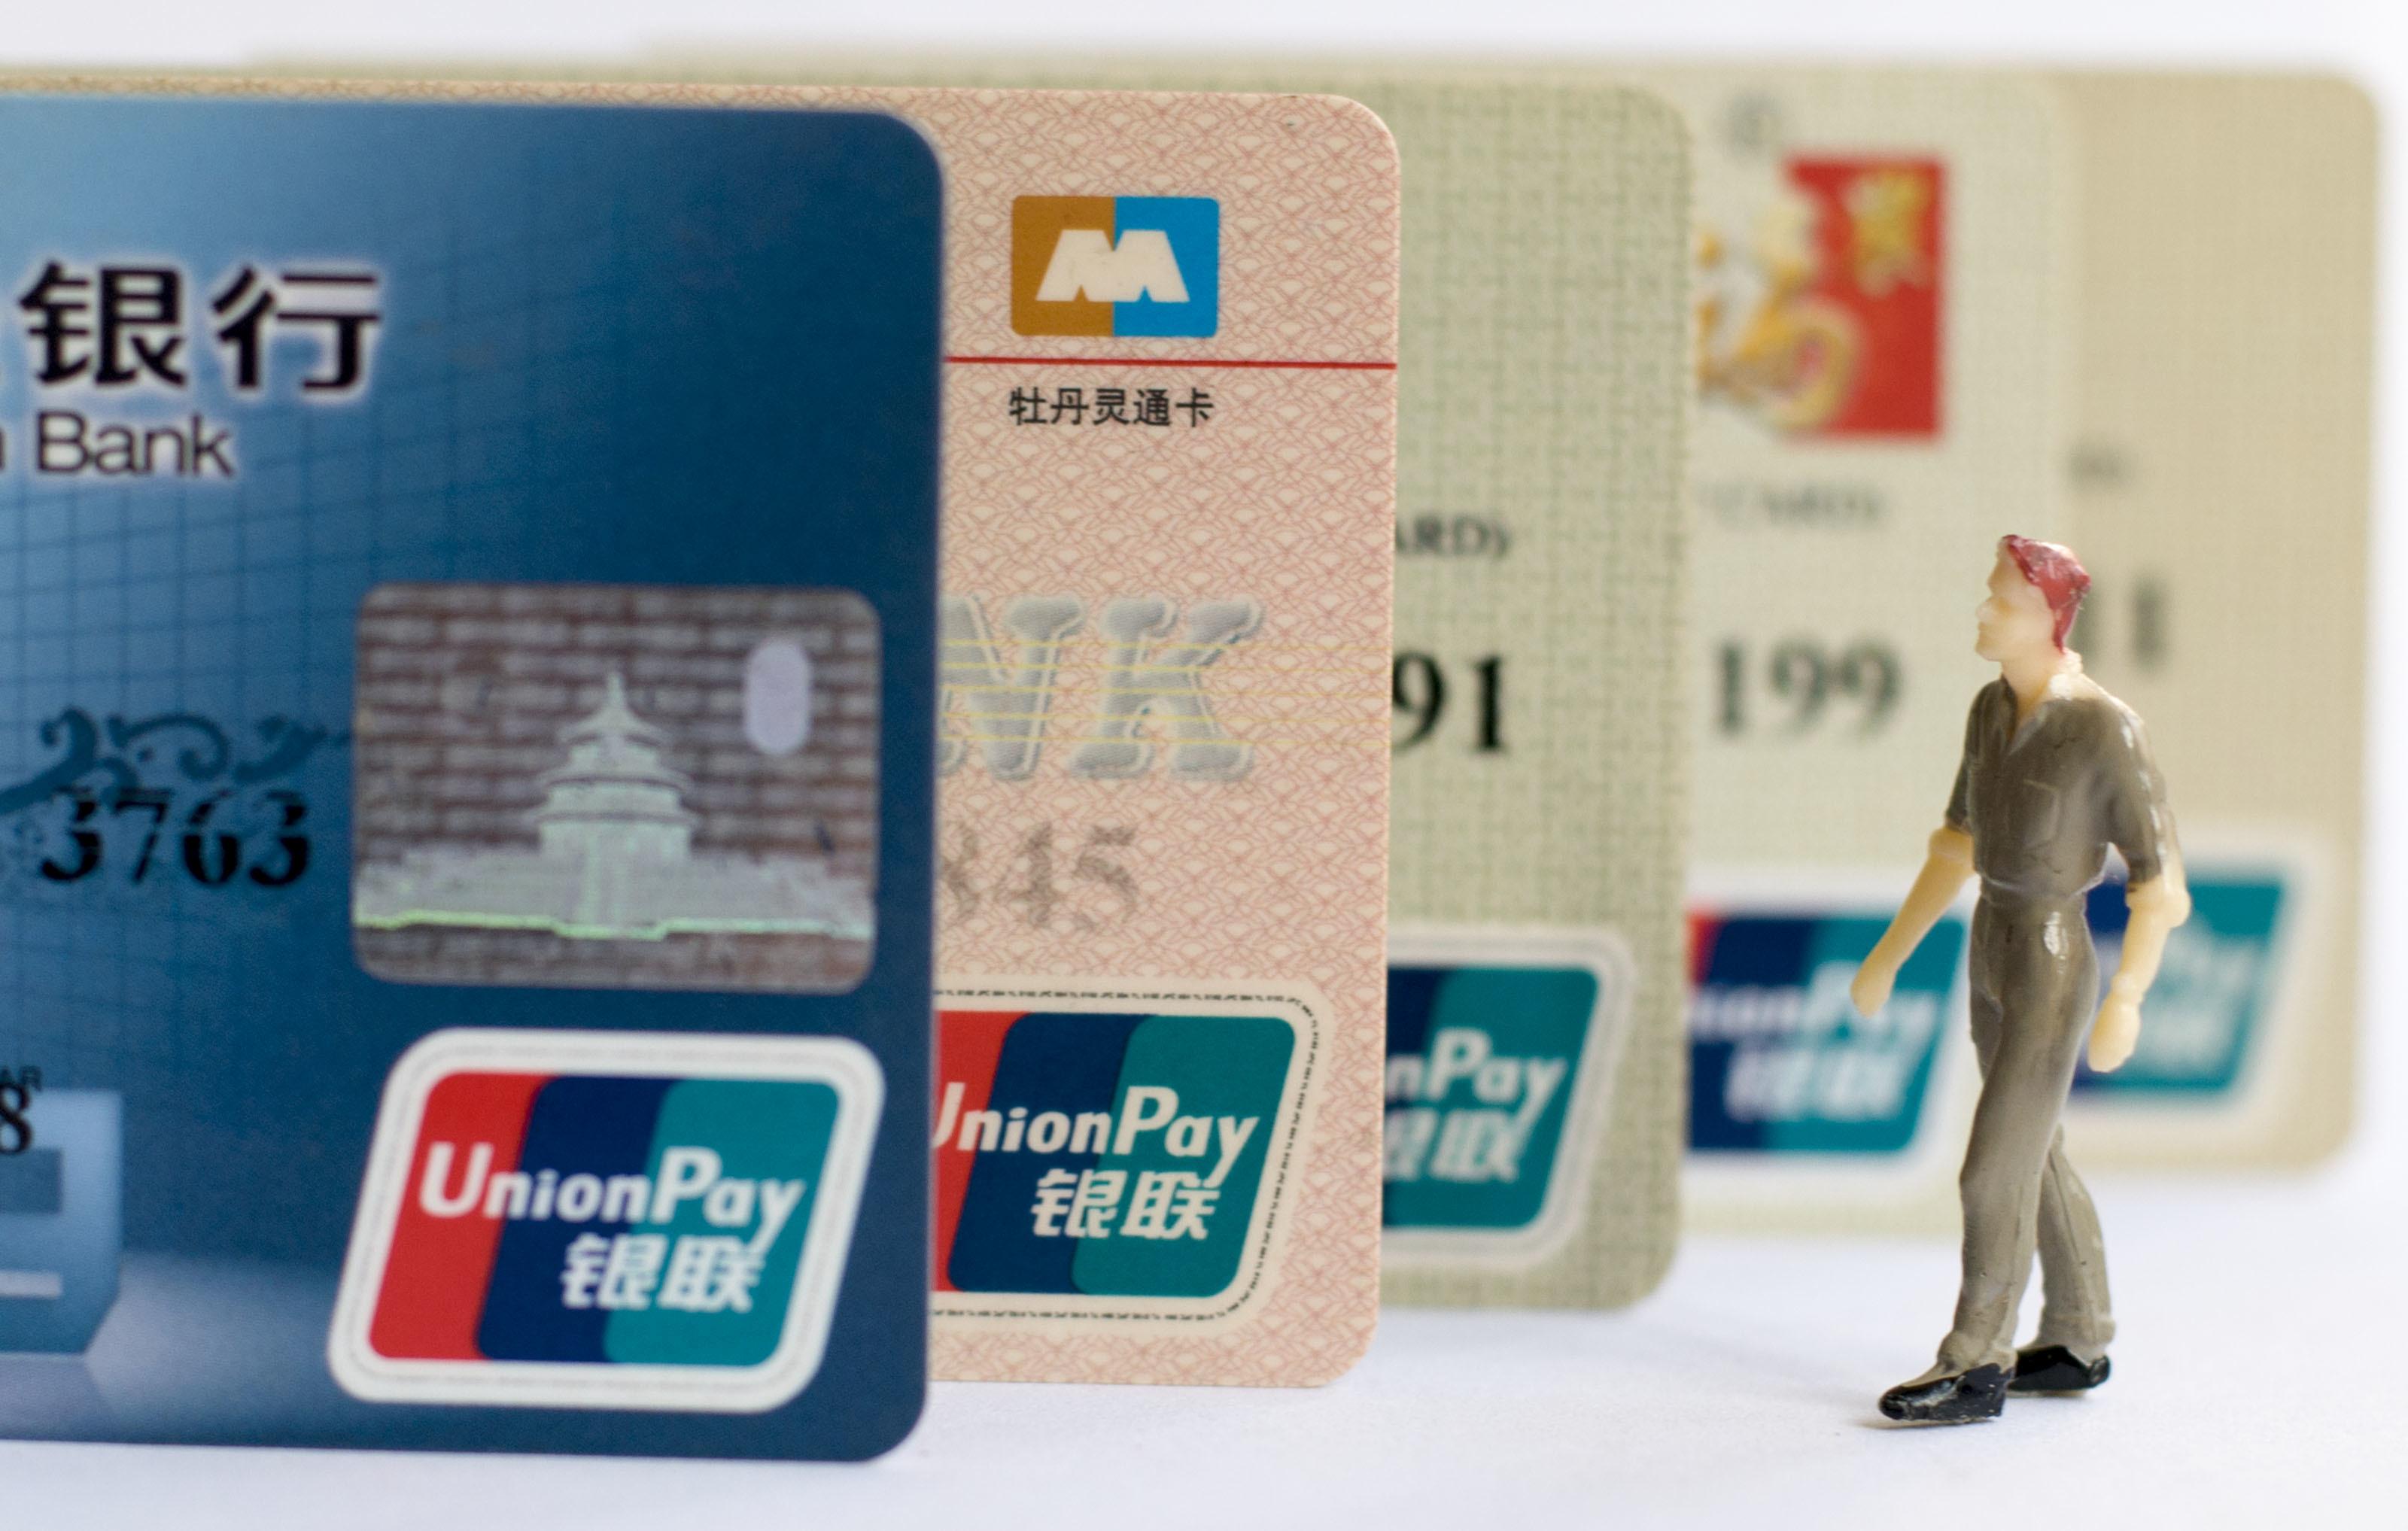 2019年各大银行最新推出的信用卡卡种!